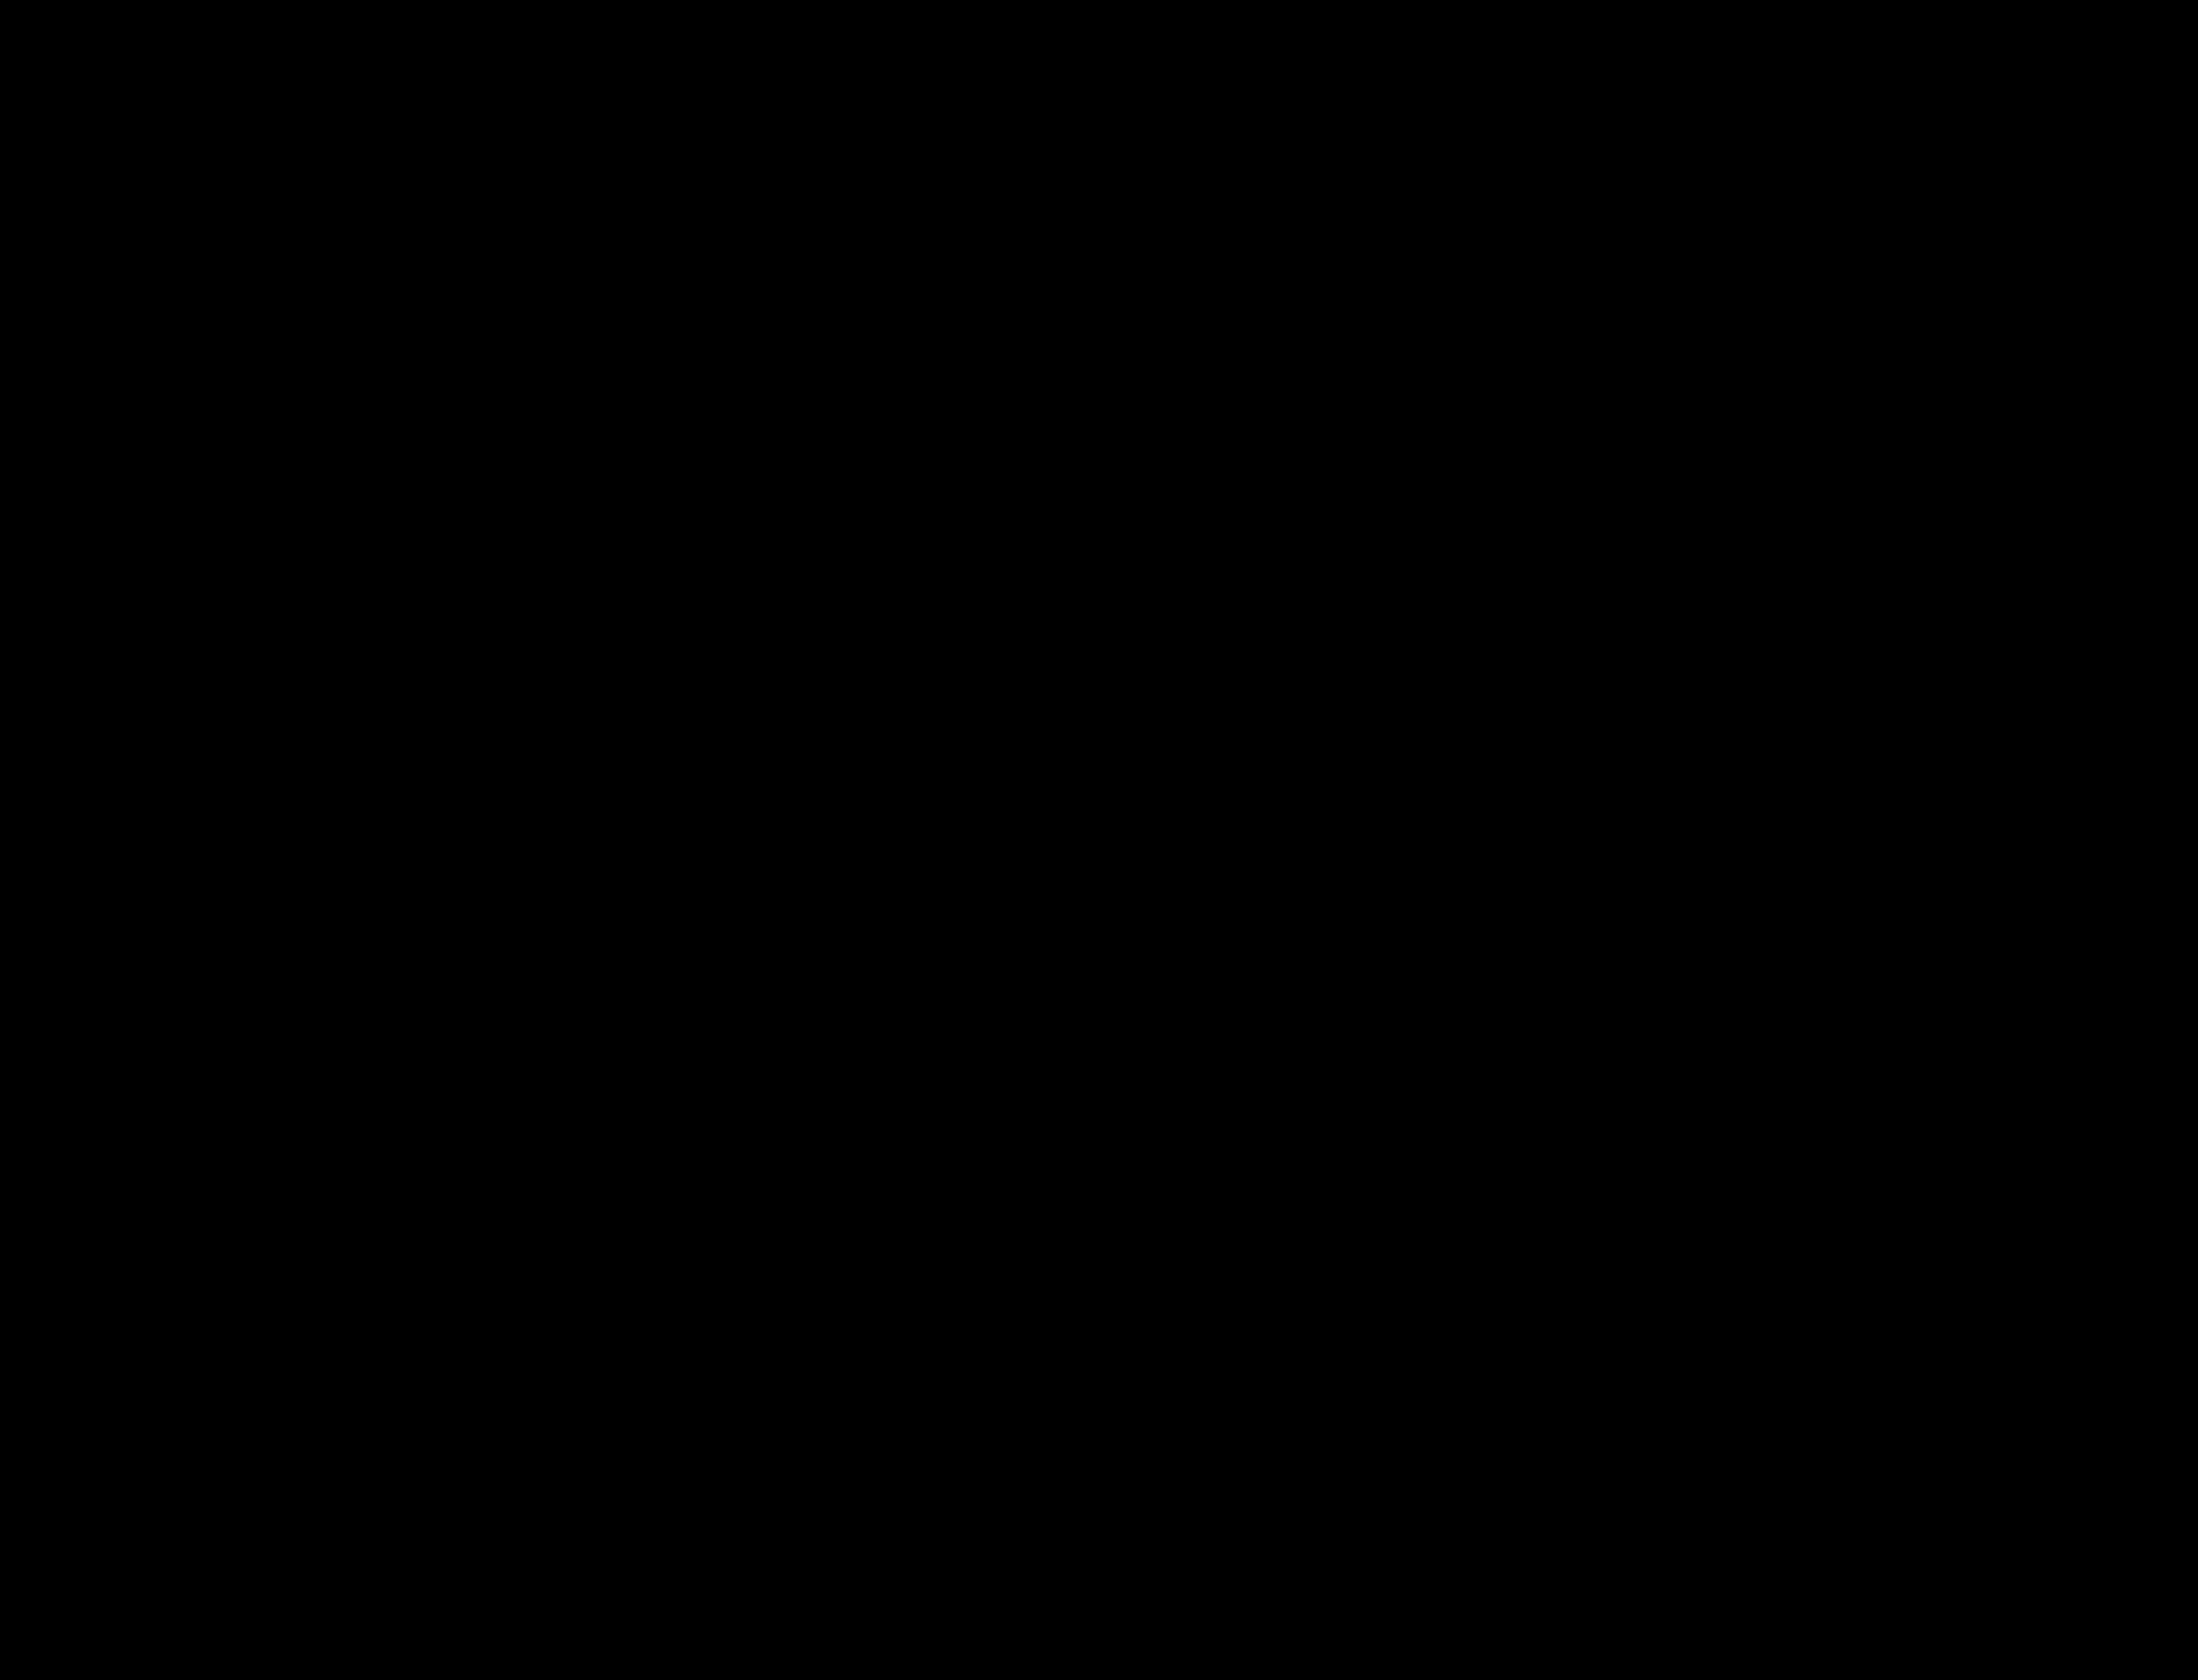 File:Latimer-Felton House, Atlanta Vicinity, Panola, Dekalb County, GA